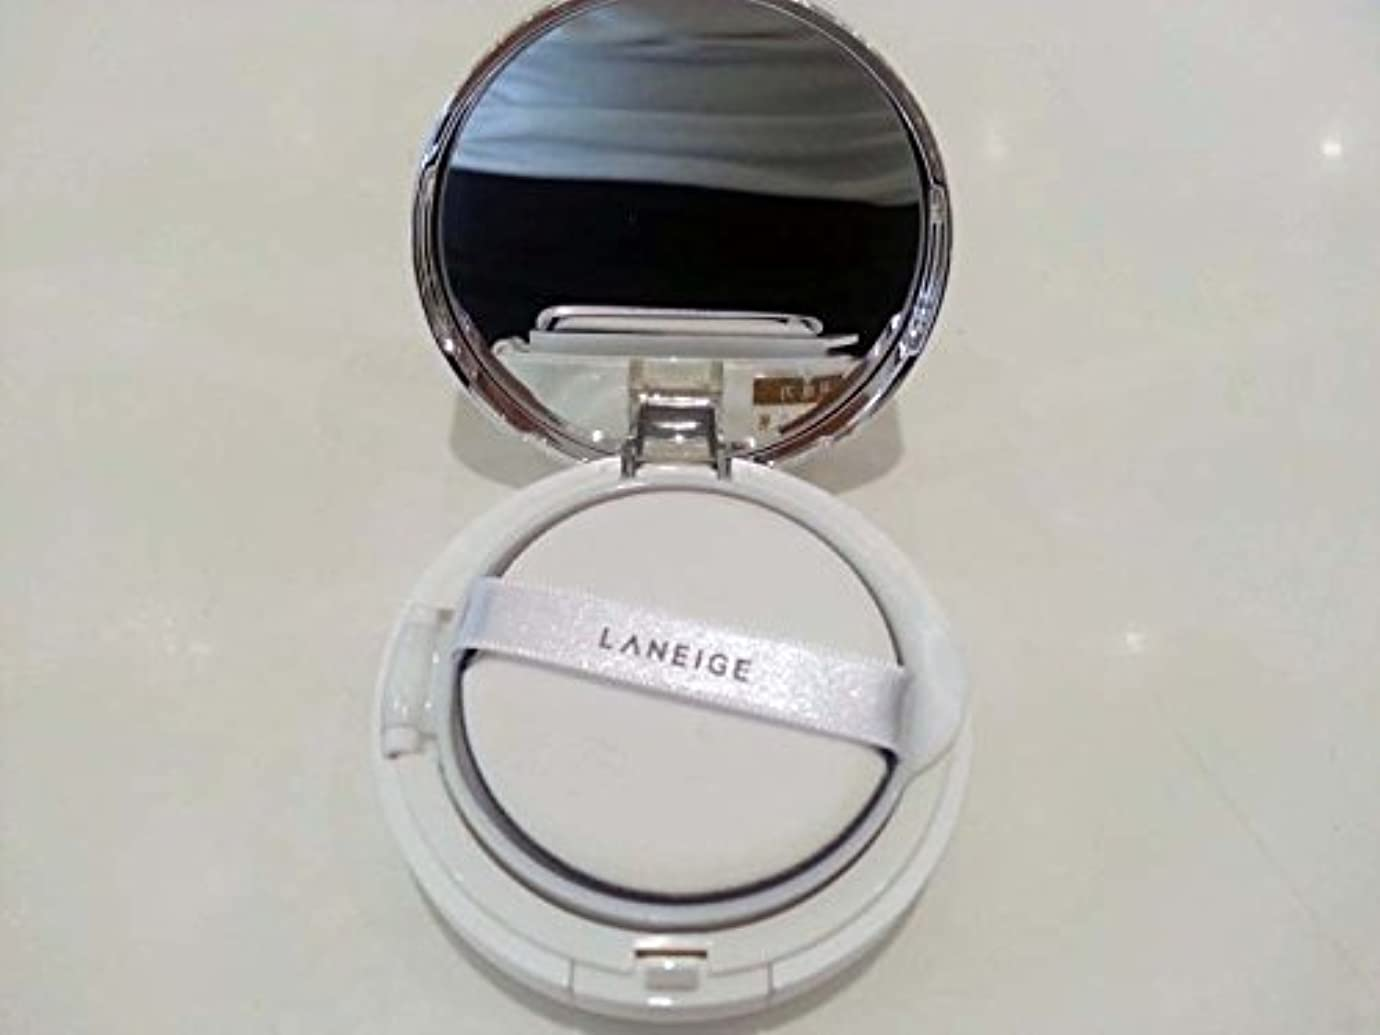 (ラネージュ)LANEIGE ホワイトニングBBクッション13号トゥルーベージュSPF50 + PA +++(並行輸入品)/LANEIGE BB Cushion Whitening No.13 True Beige SPF50...